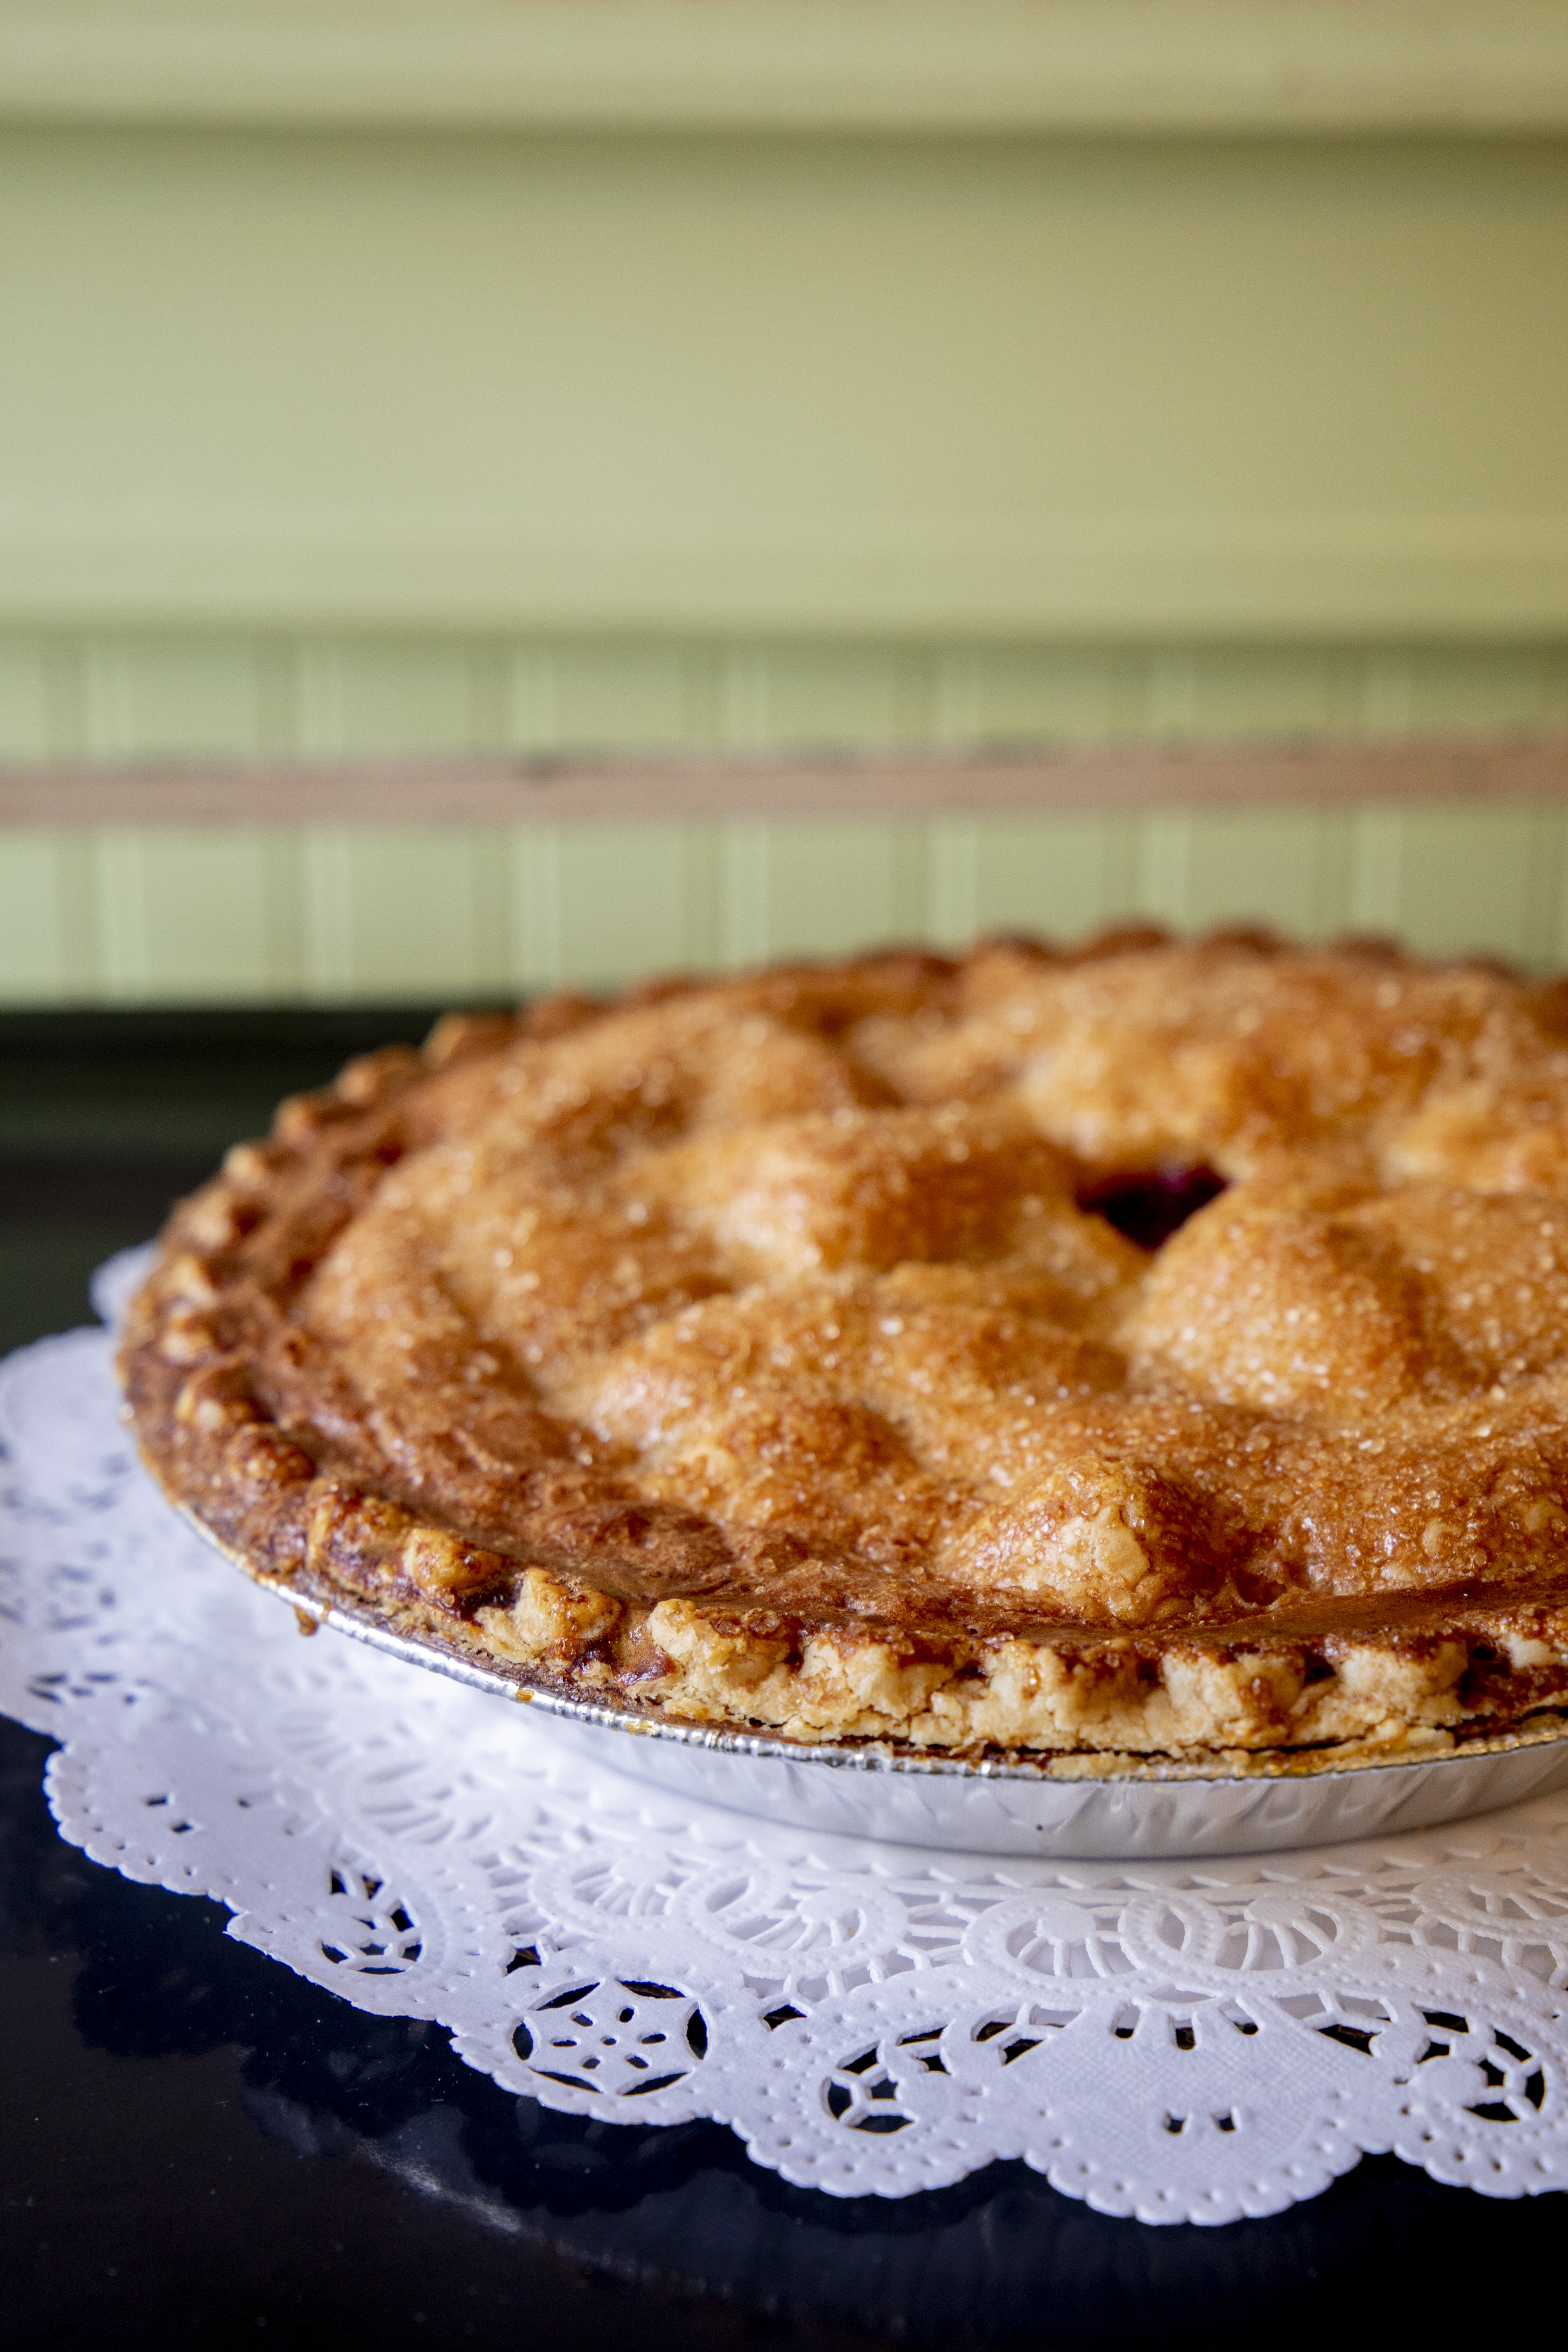 Berry pie